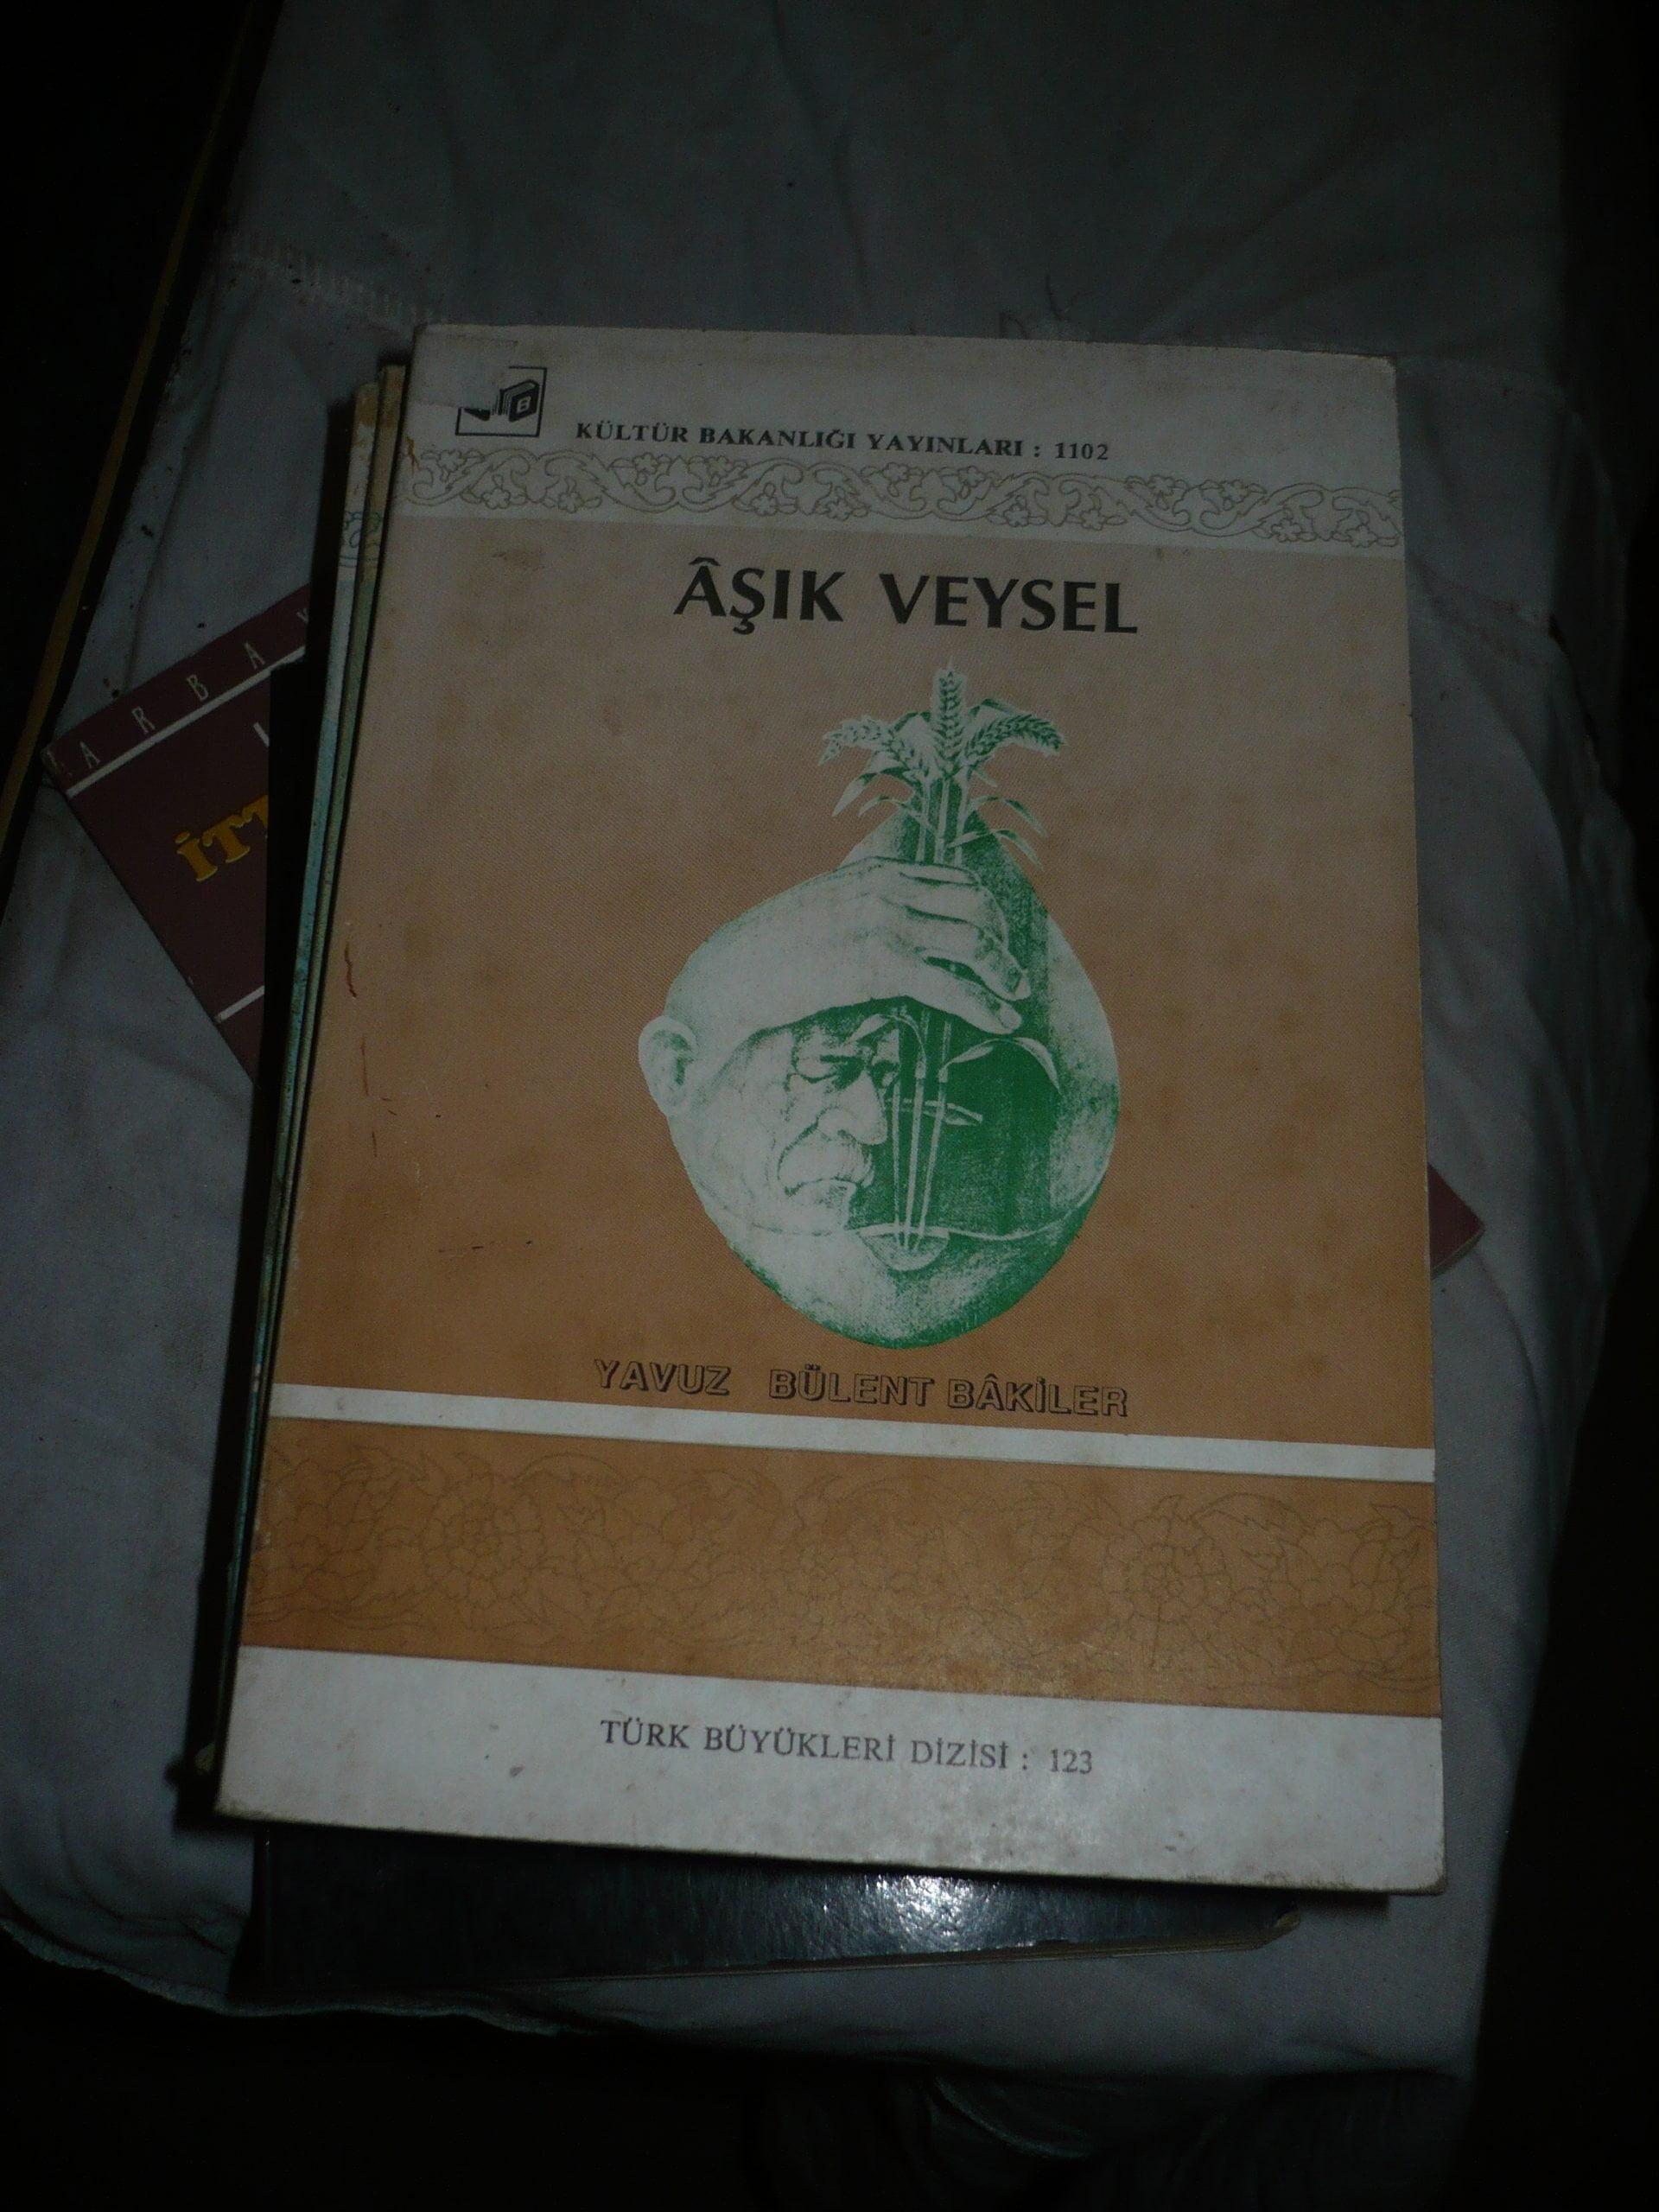 AŞIK VEYSEL/Yavuz Bülent BAKİLER/10 TL